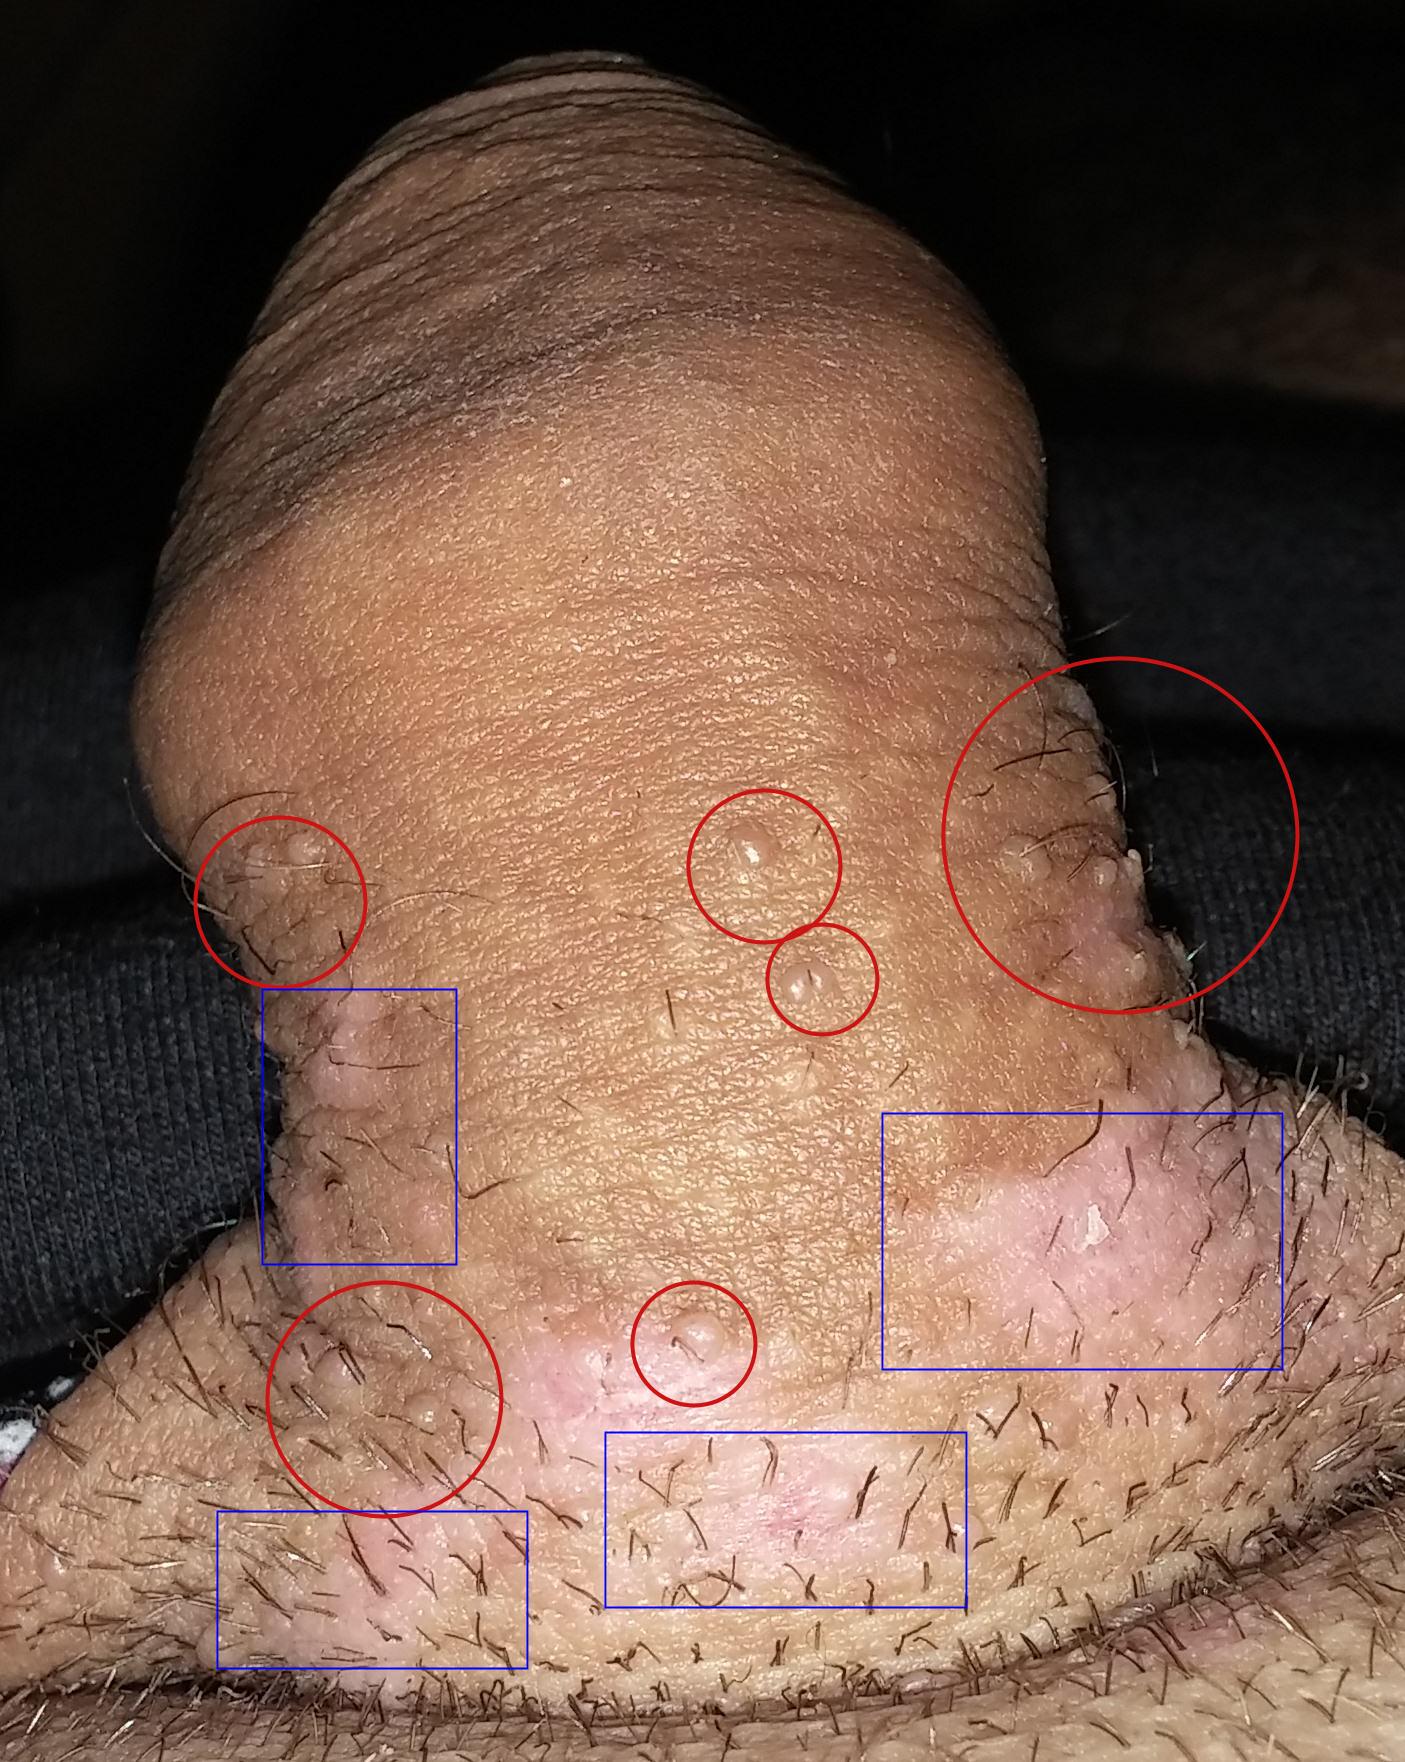 Traitement de la prostatite chez l'homme à la maison avec du sel de l'Altaï